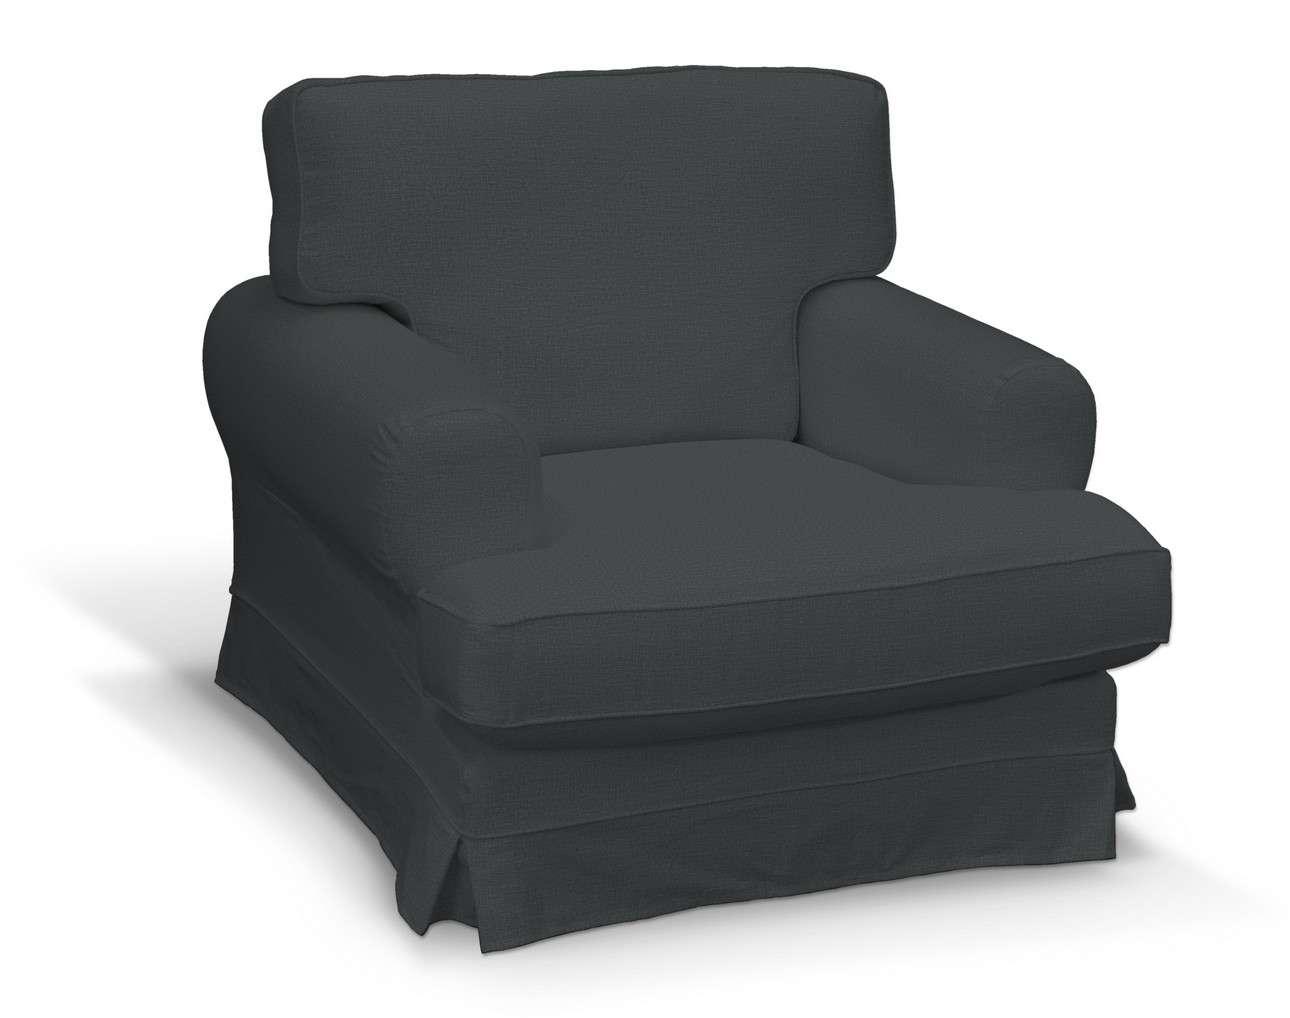 Pokrowiec na fotel Ekeskog w kolekcji Ingrid, tkanina: 705-43